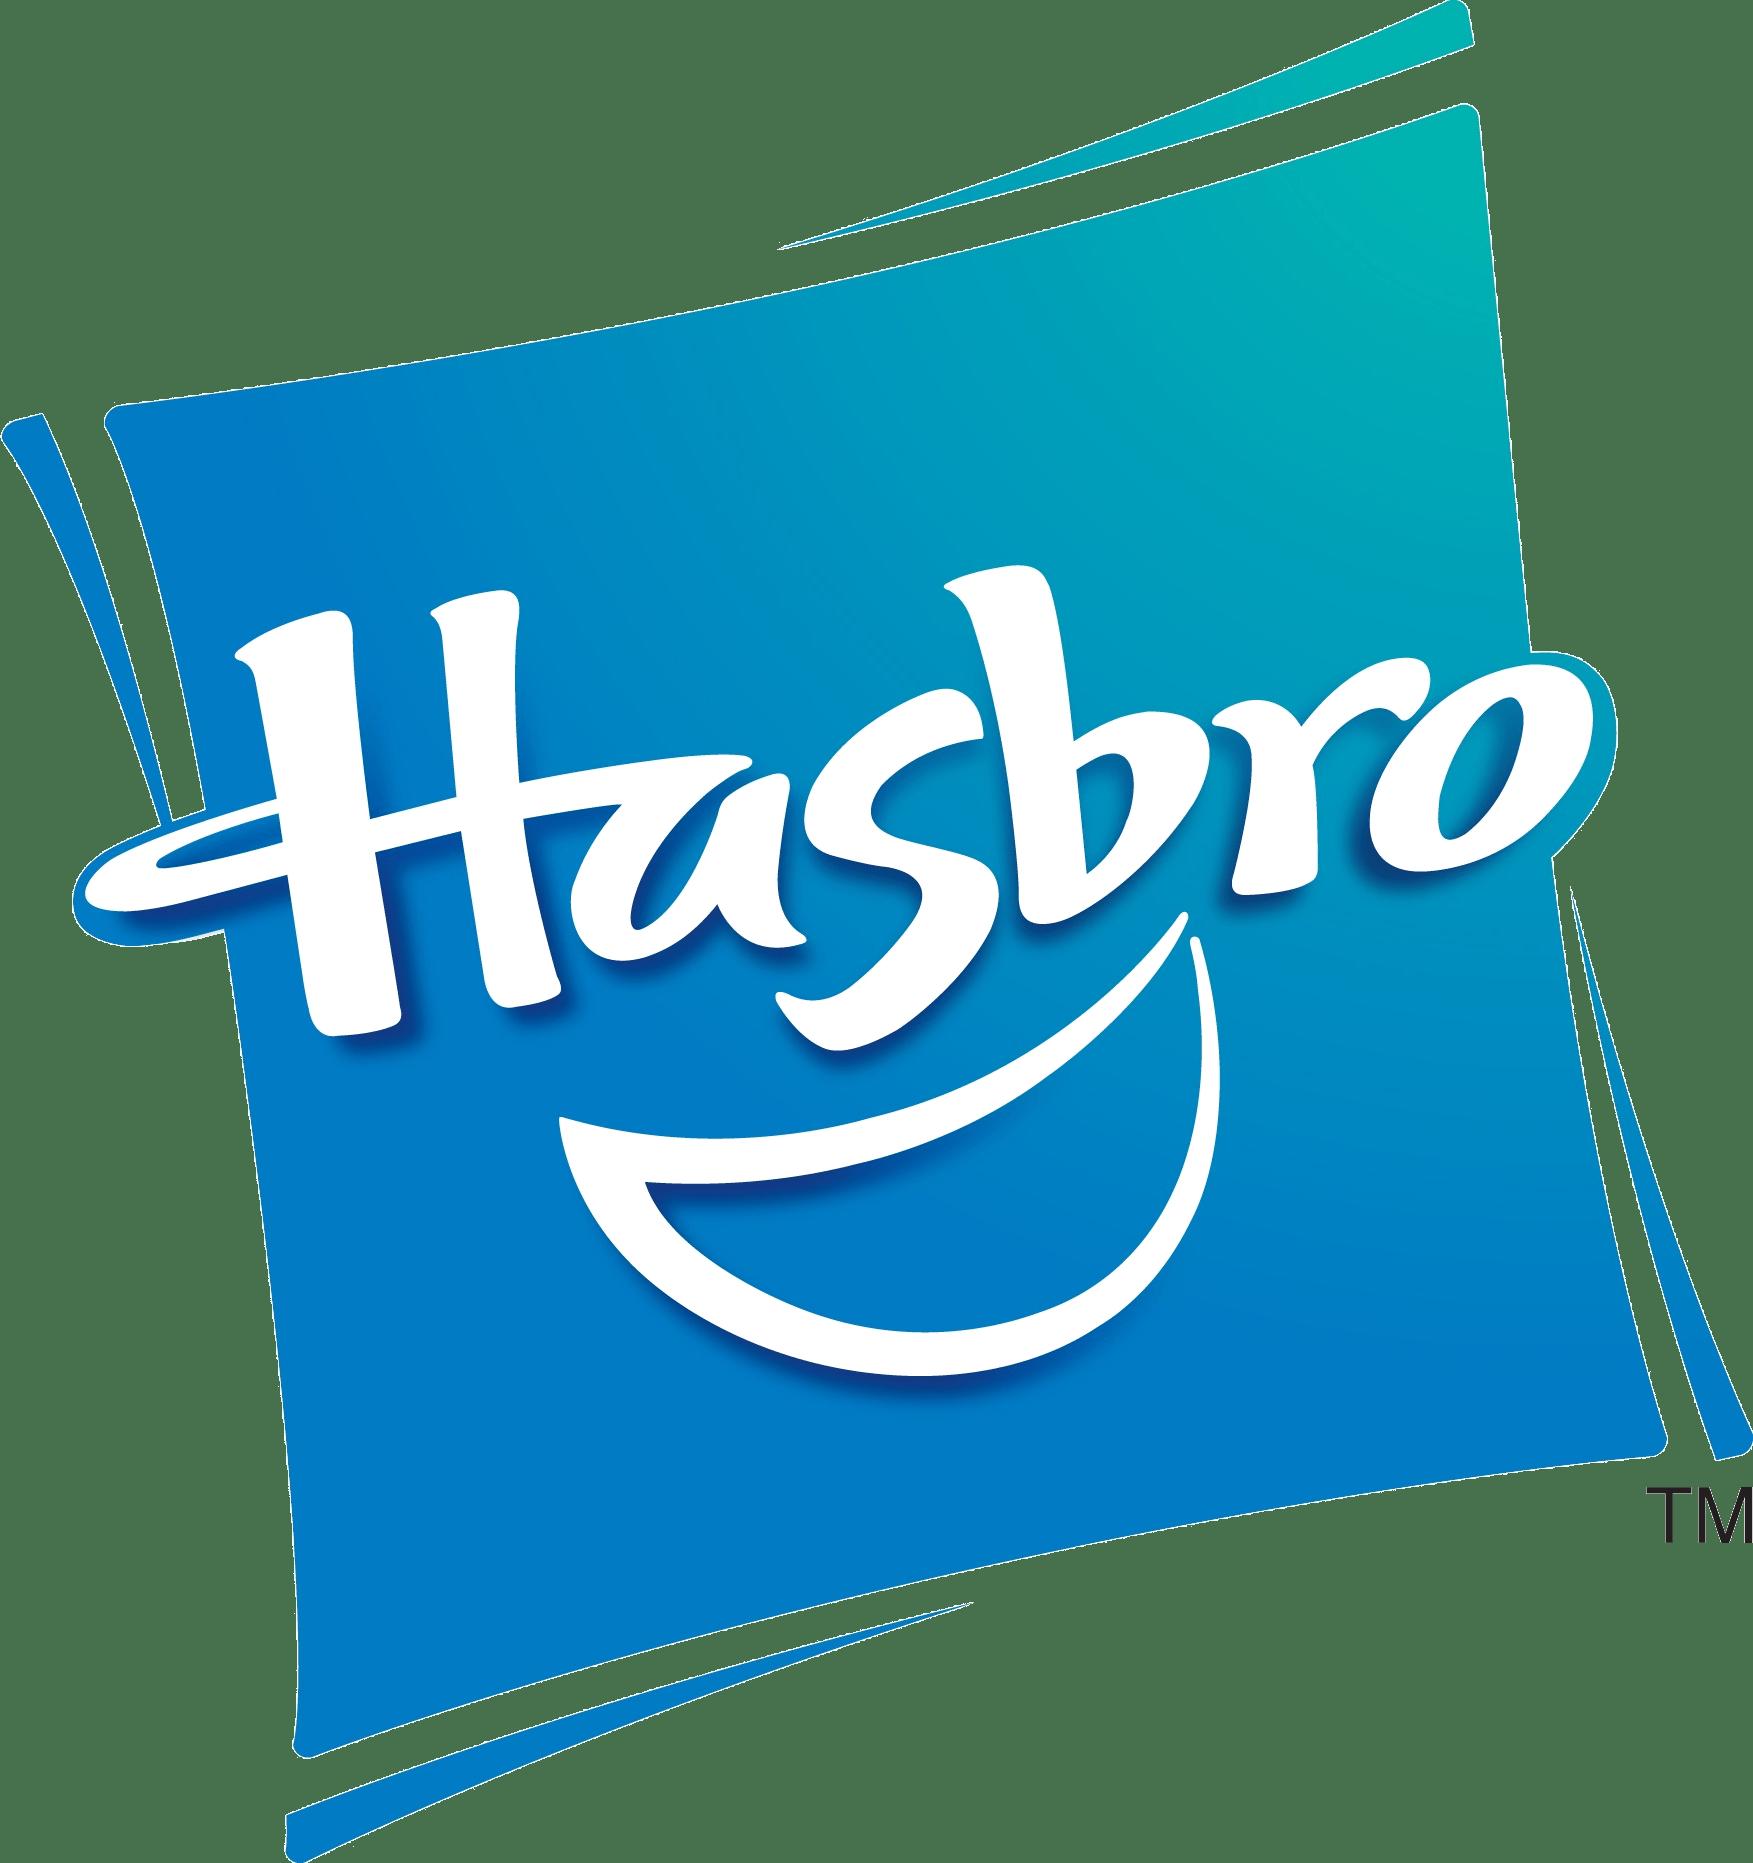 HASBRO LLENARÁ DE SORPRESAS LA MOLE COMIC CON 2018